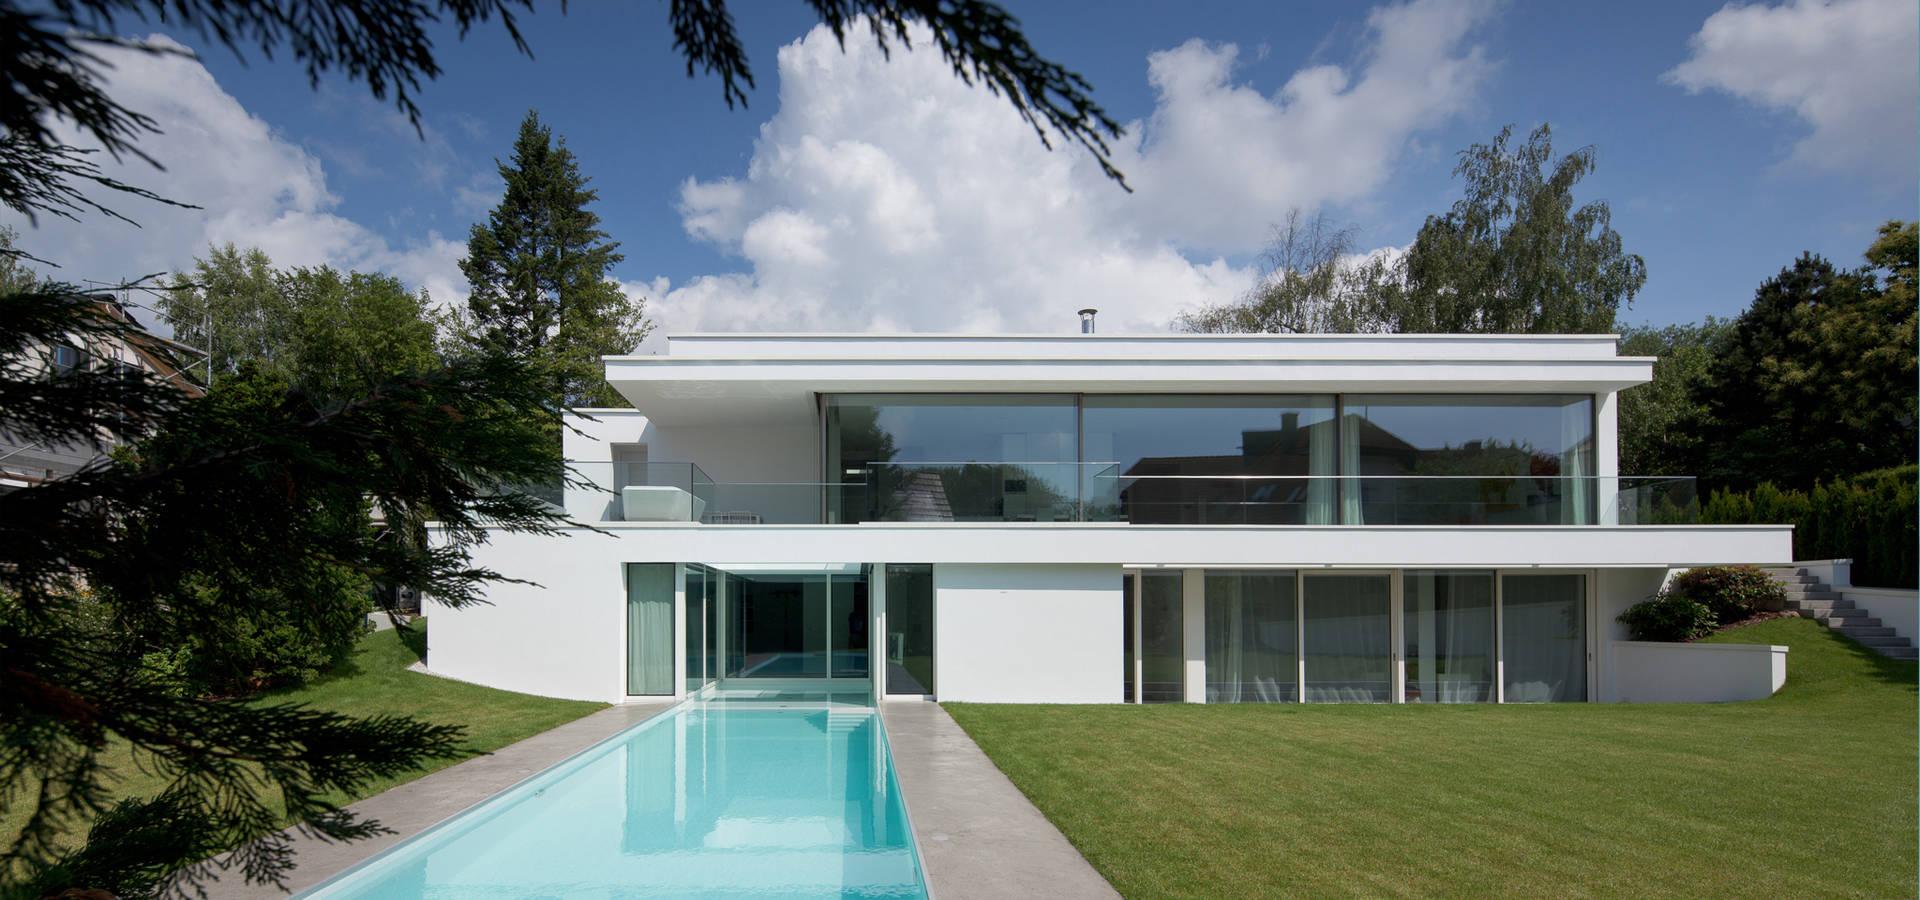 Philipp Architekten - Anna Philipp: Architects in Waldenburg | homify